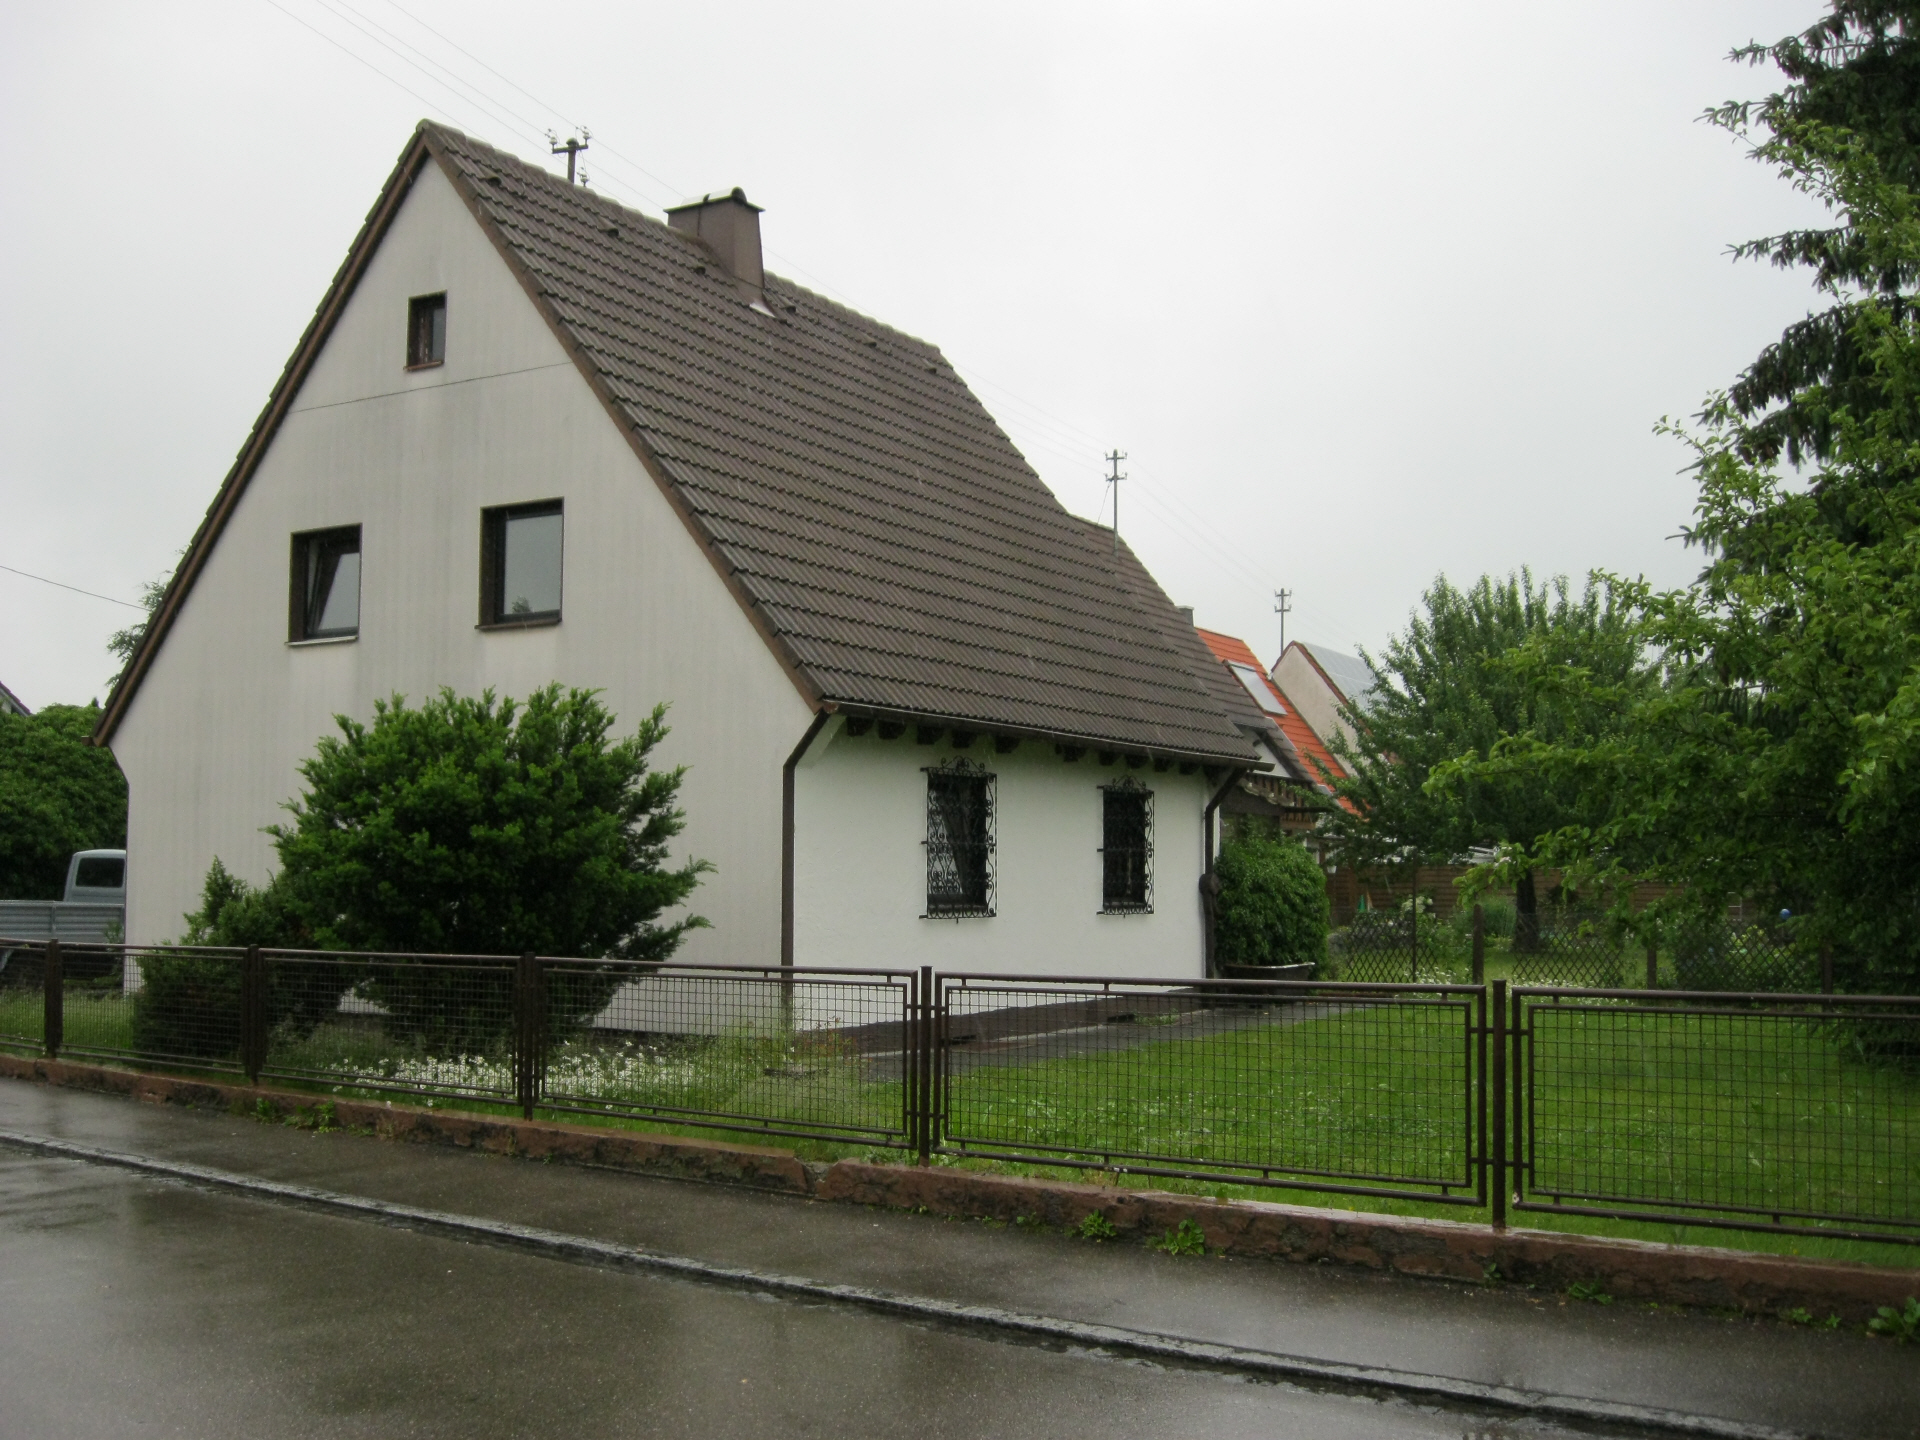 Mein Haus, altes Haus ursprünglich, Haus original vor Renovierung